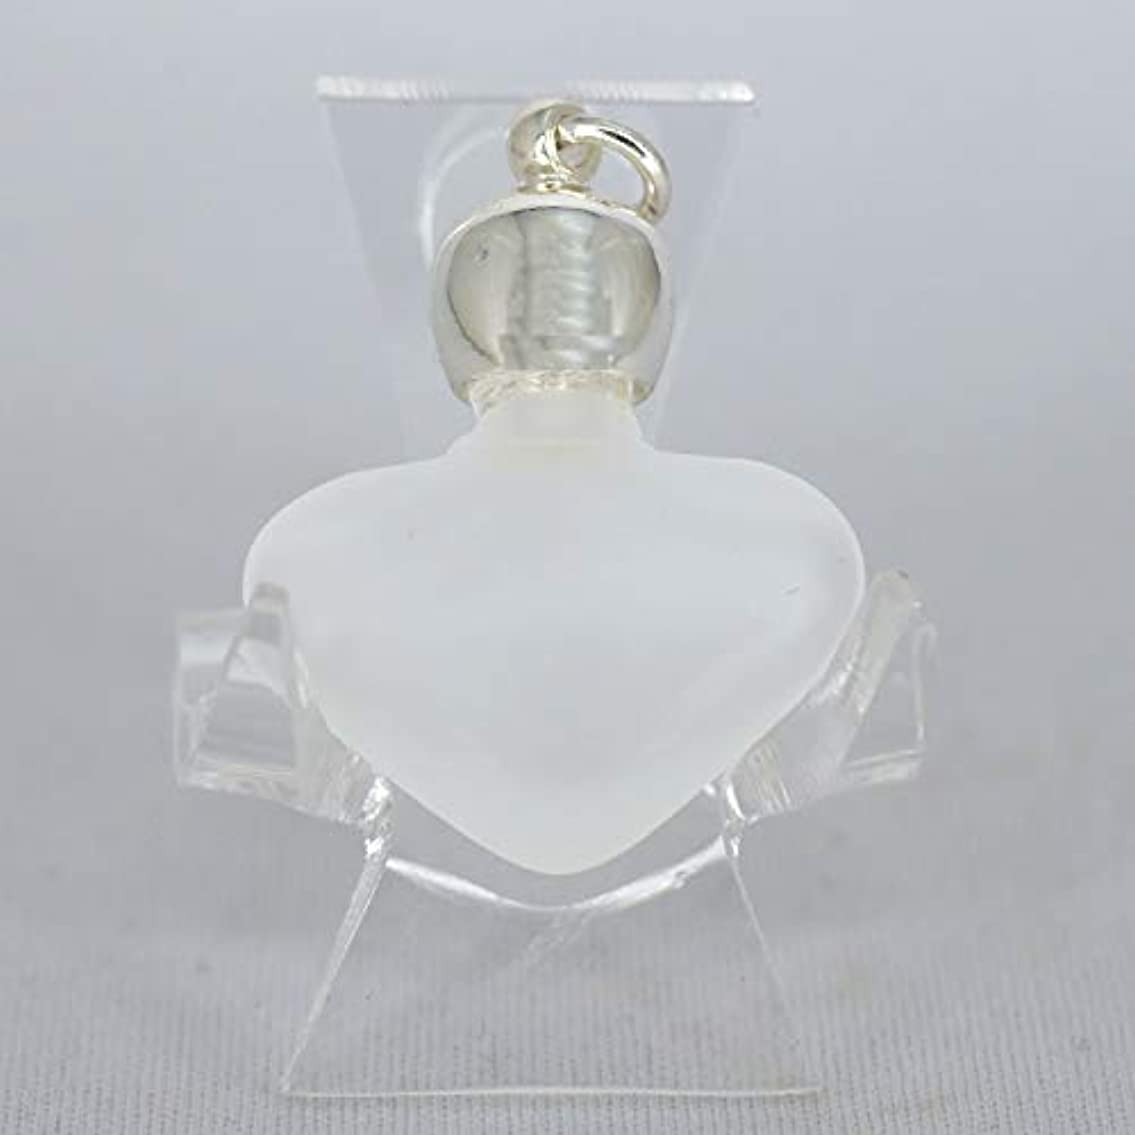 ハブブ複雑なキリンミニ香水瓶 アロマペンダントトップ ハートフロスト(すりガラス)0.8ml?シルバー?穴あきキャップ、パッキン付属【アロマオイル?メモリーオイル入れにオススメ】